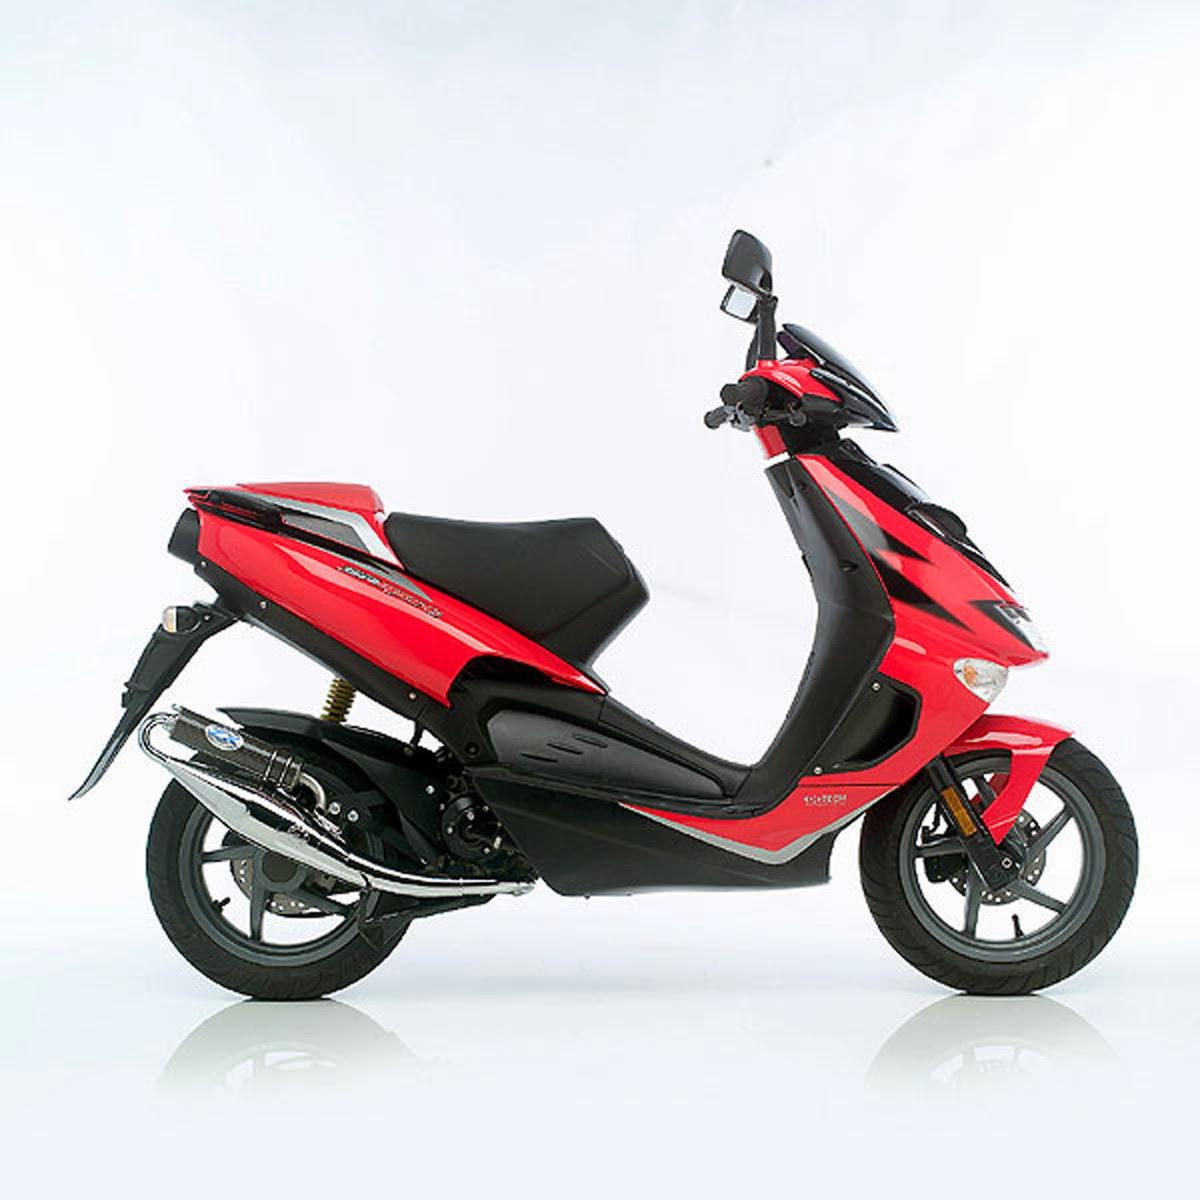 Upcoming Aprilia SR50 Ditech Bikes Models